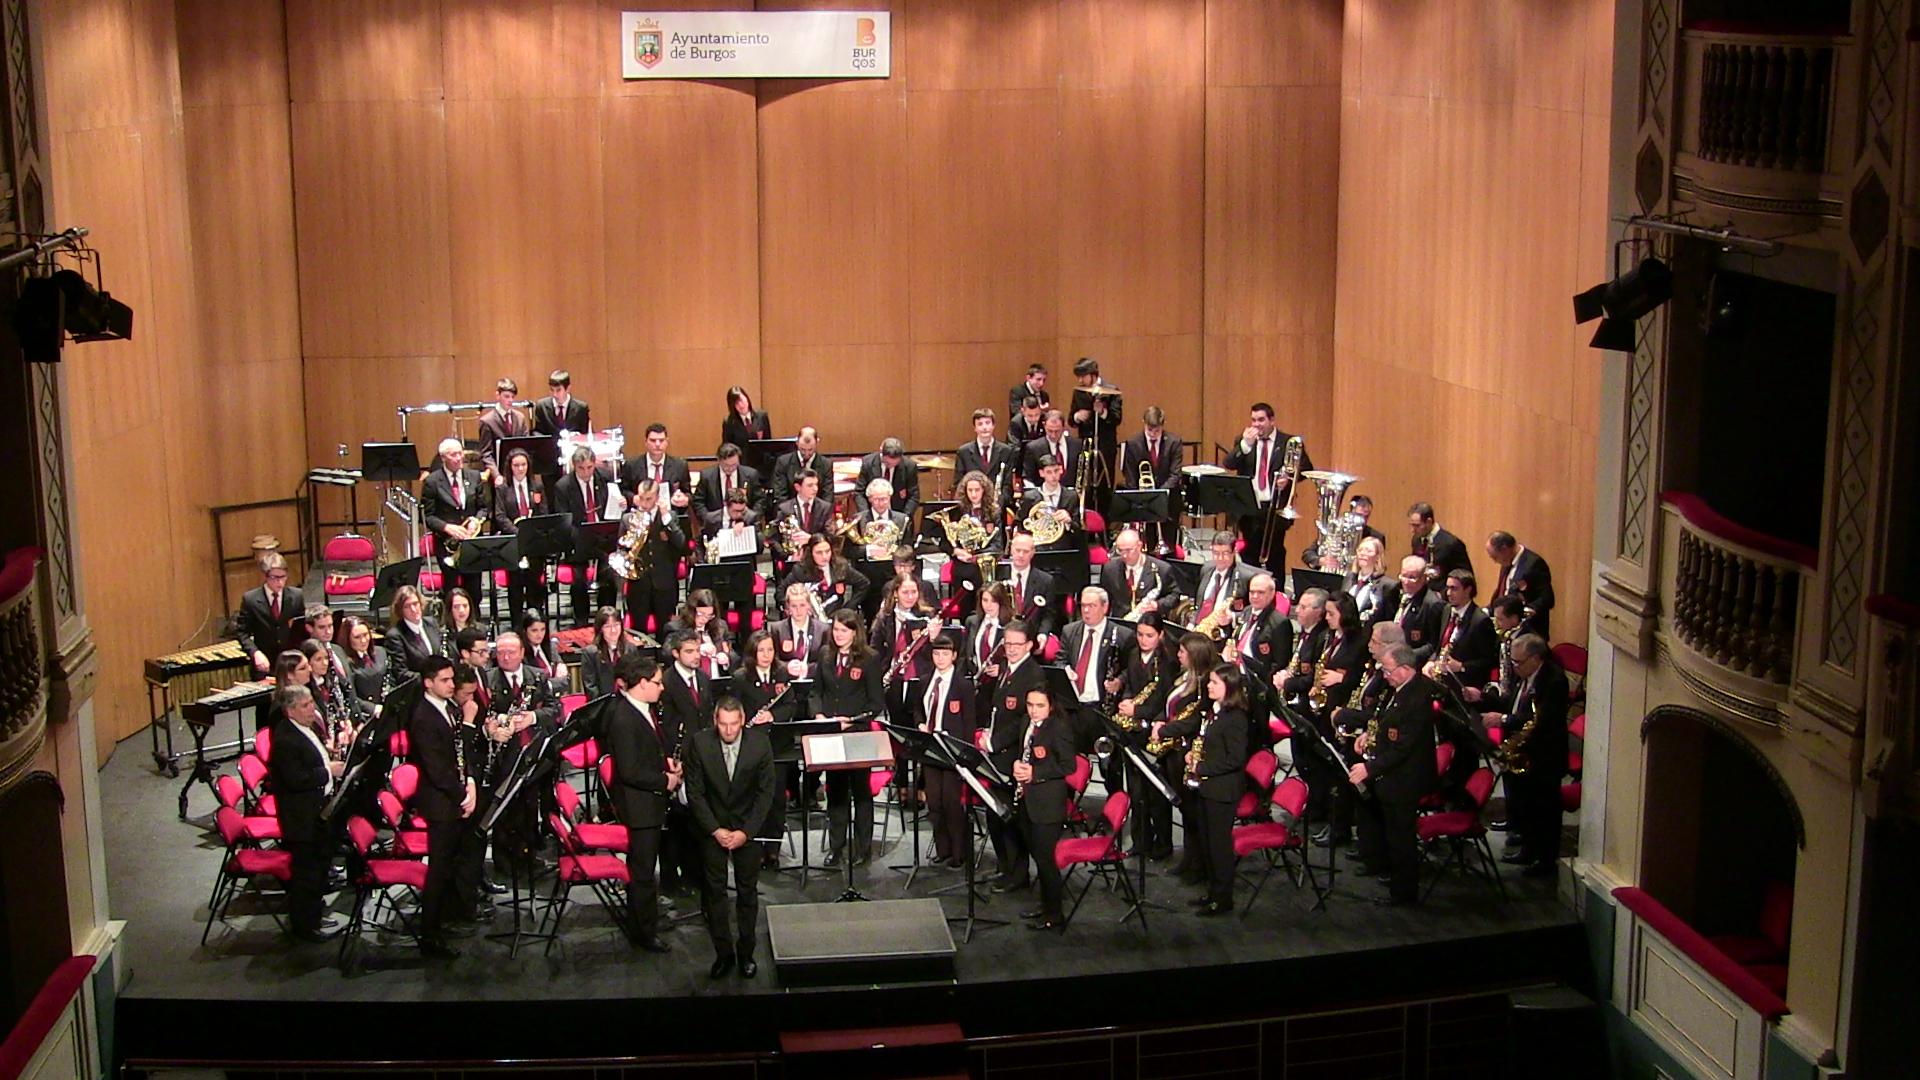 Banda Ciudad de Burgos San Lesmes 17  (13)